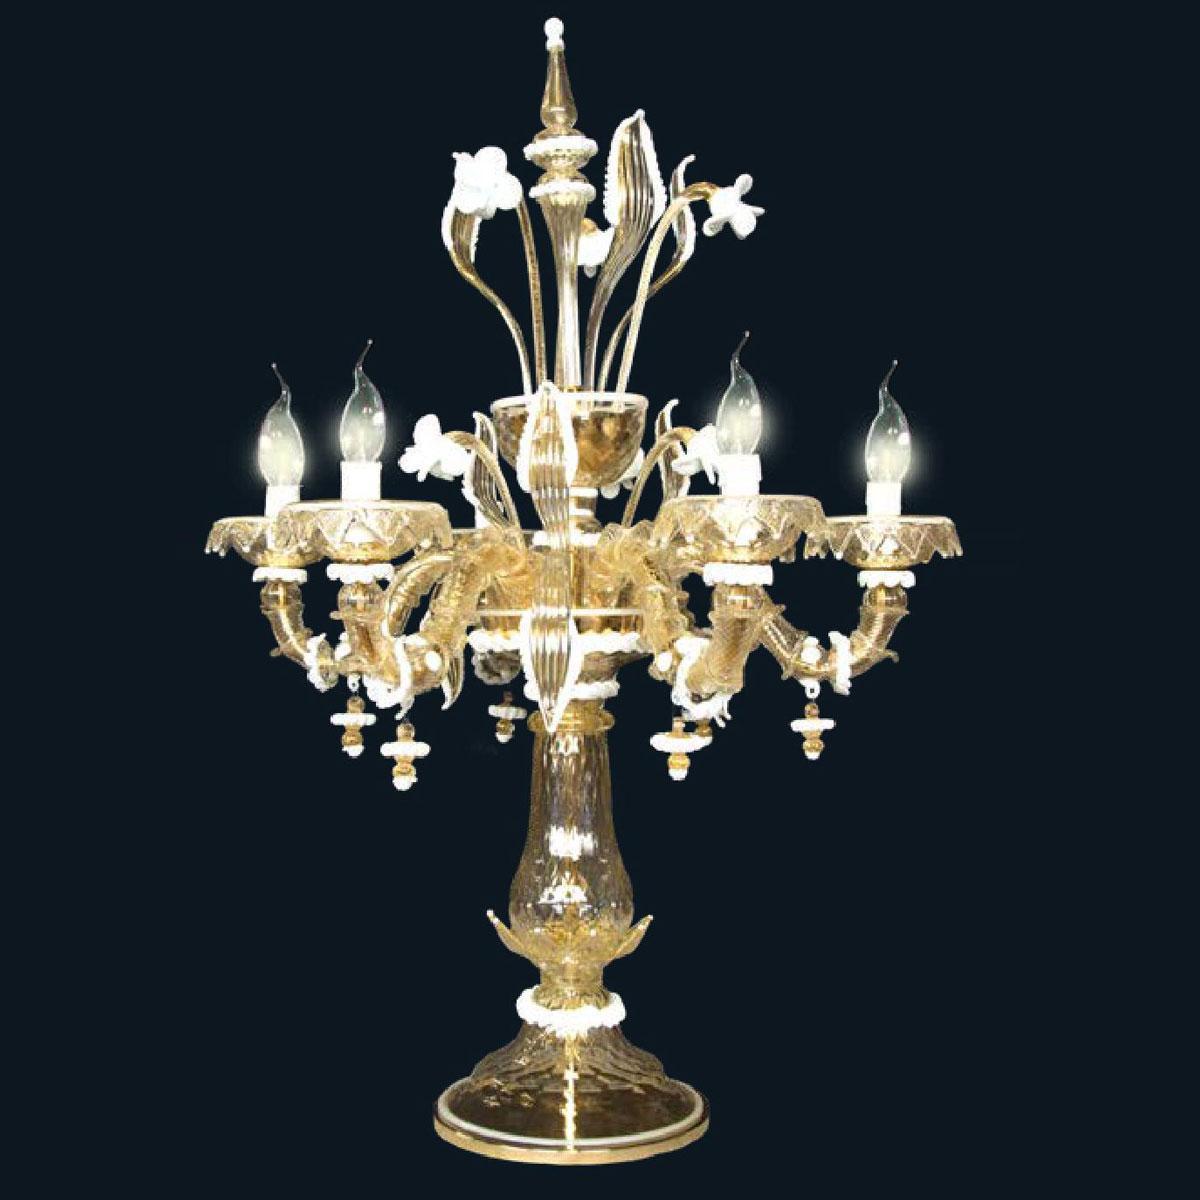 """""""Sierra"""" lampe de table en verre de Murano - 6 lumières - or et blanc"""